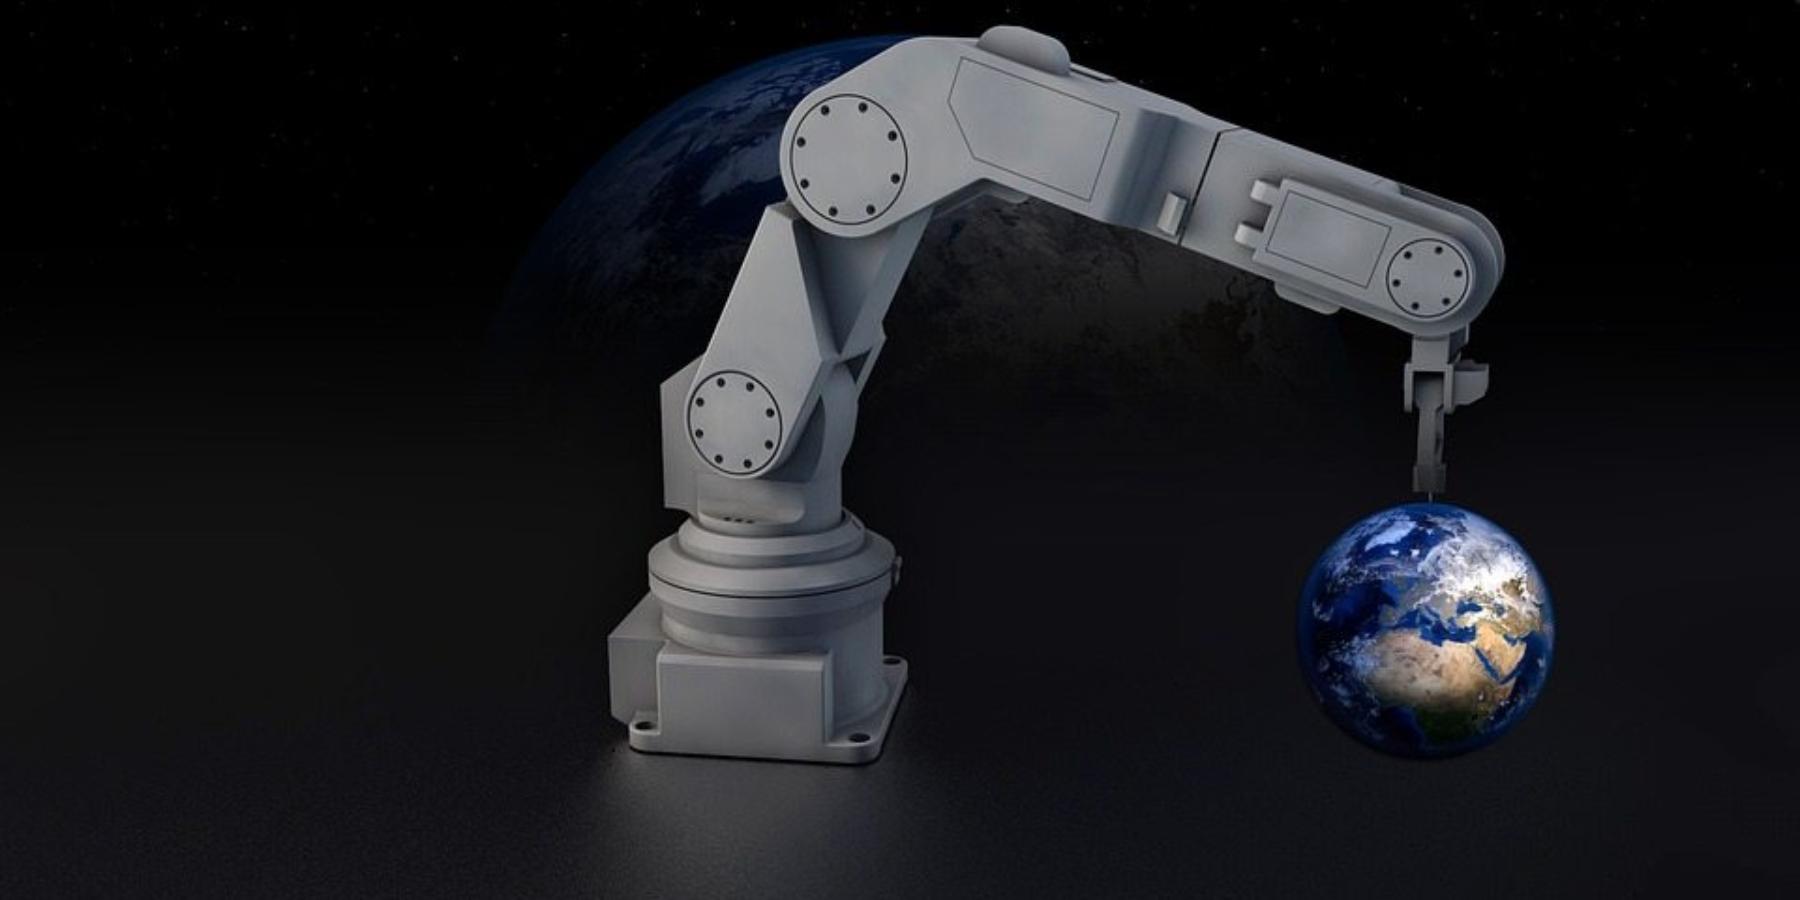 Automatyzacja, czyli jak będzie wyglądała przyszłość, wktórejpracę zabiorą roboty.